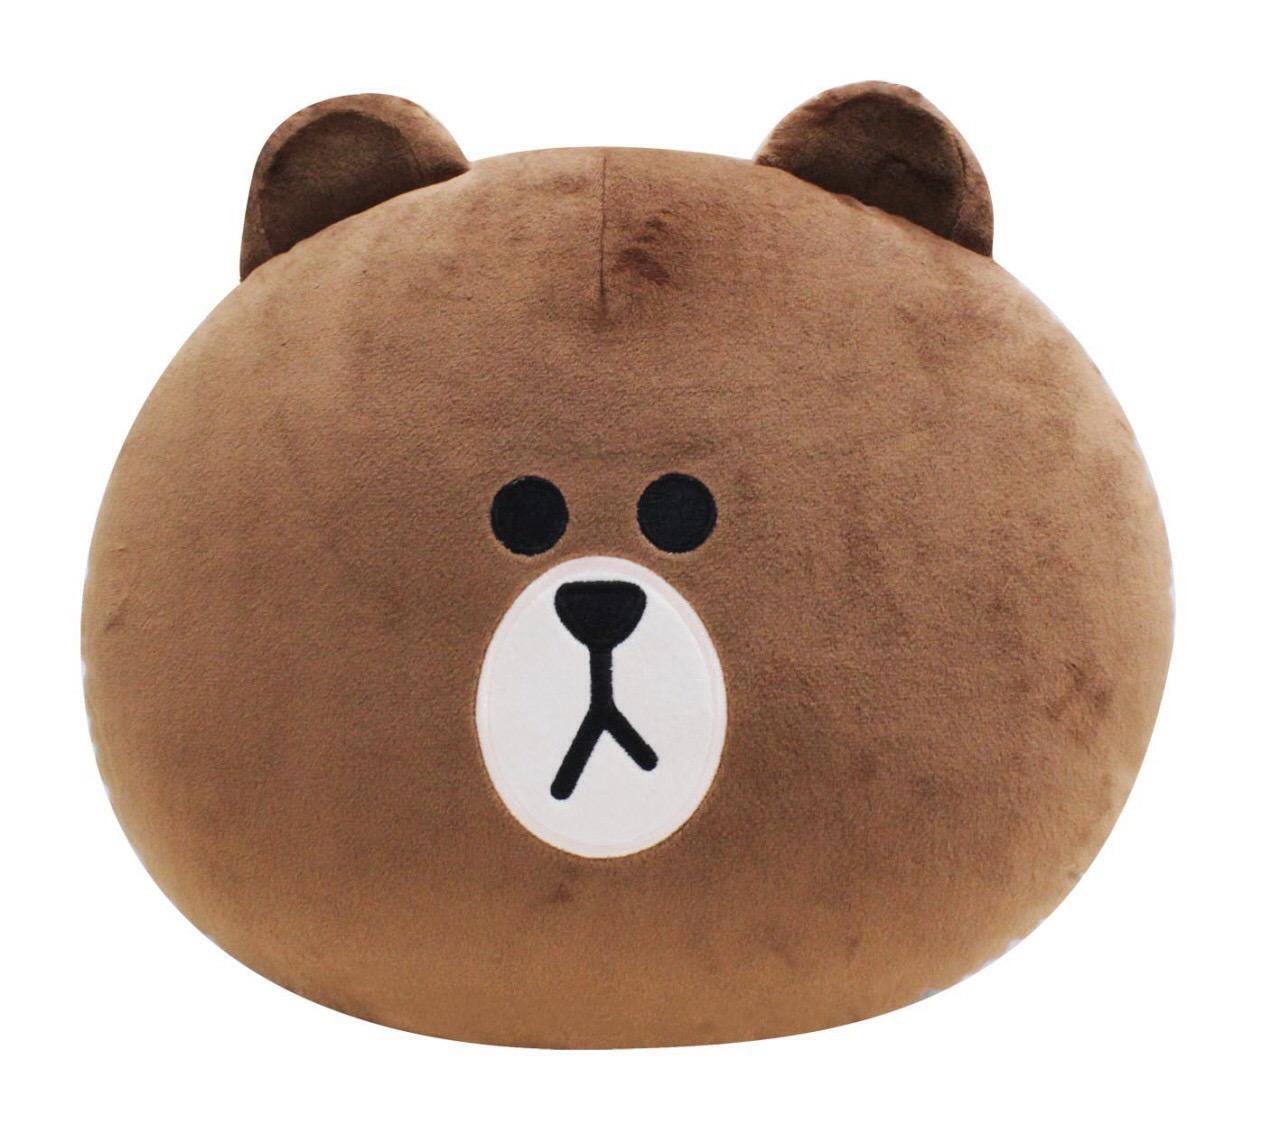 【UNIPRO】LINE FRIENDS 熊大 BROWN 布朗熊 頭型絨毛玩偶 娃娃 保暖枕 暖手枕 抱枕 靠枕 正版授權